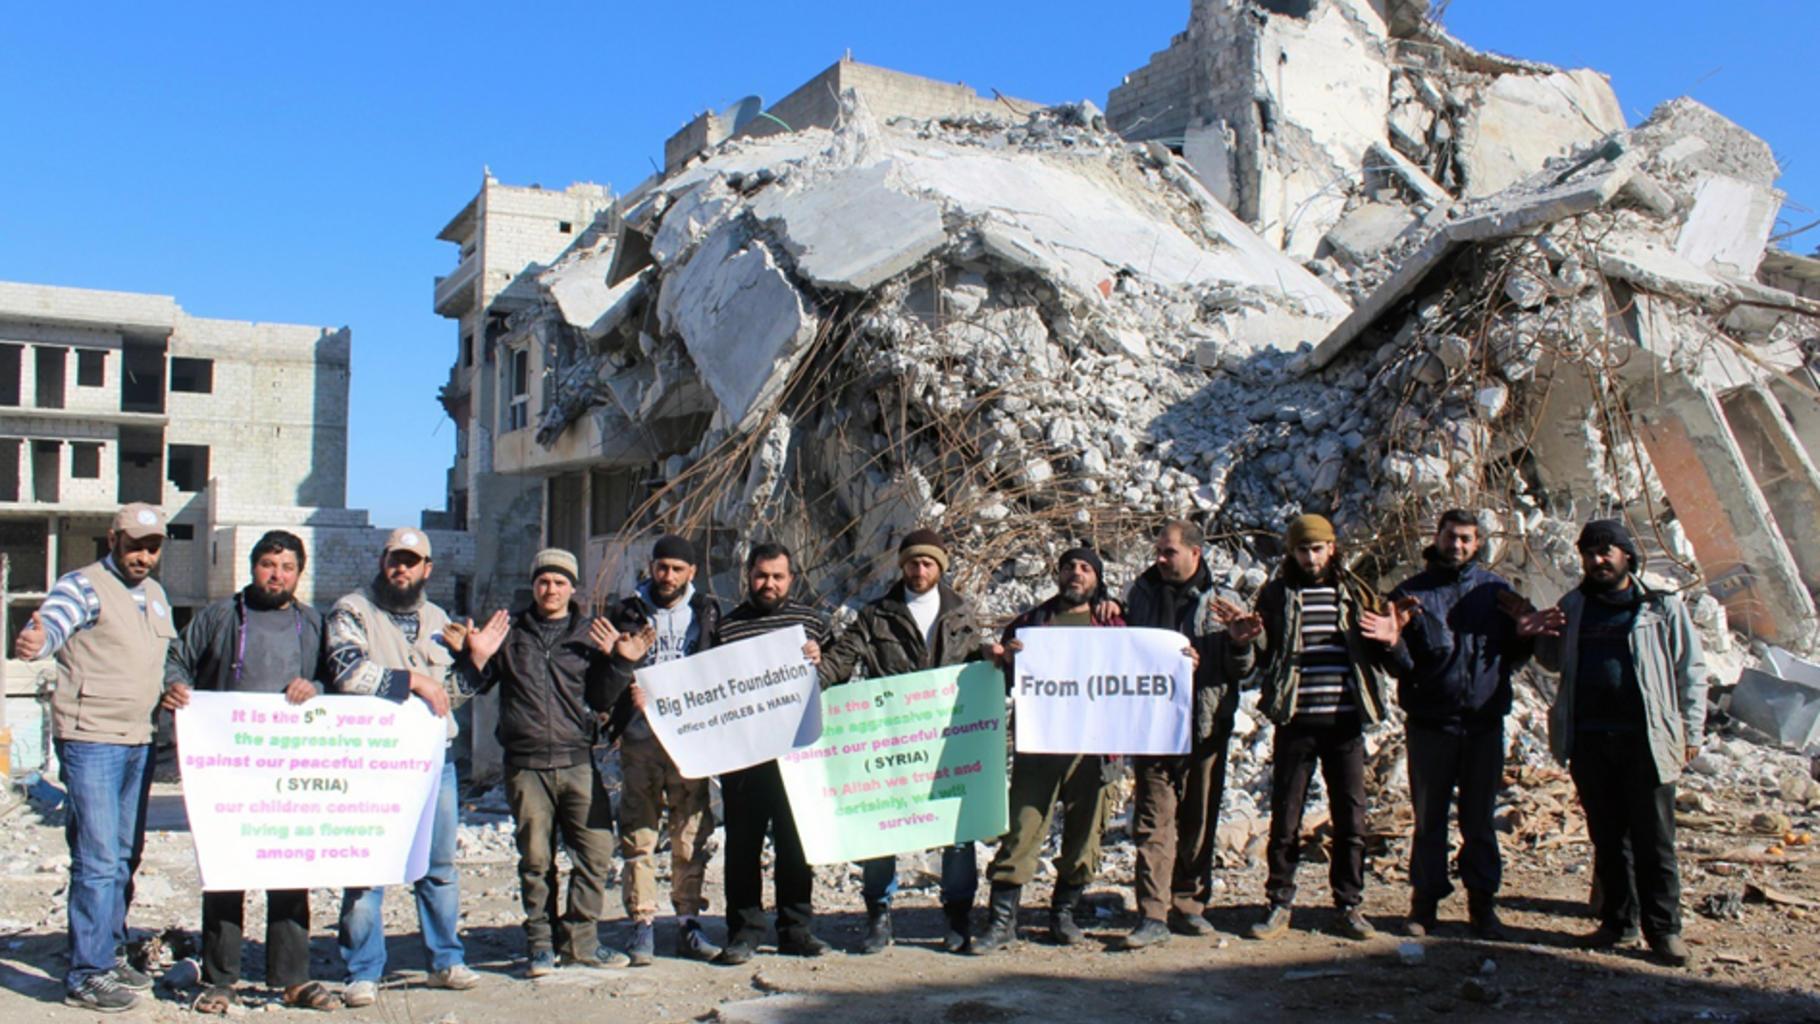 Eine Gruppe von Männern steht vor Trümmern eines Gebäudes. Sie reichen sich die Hände und zeigen Transparente.